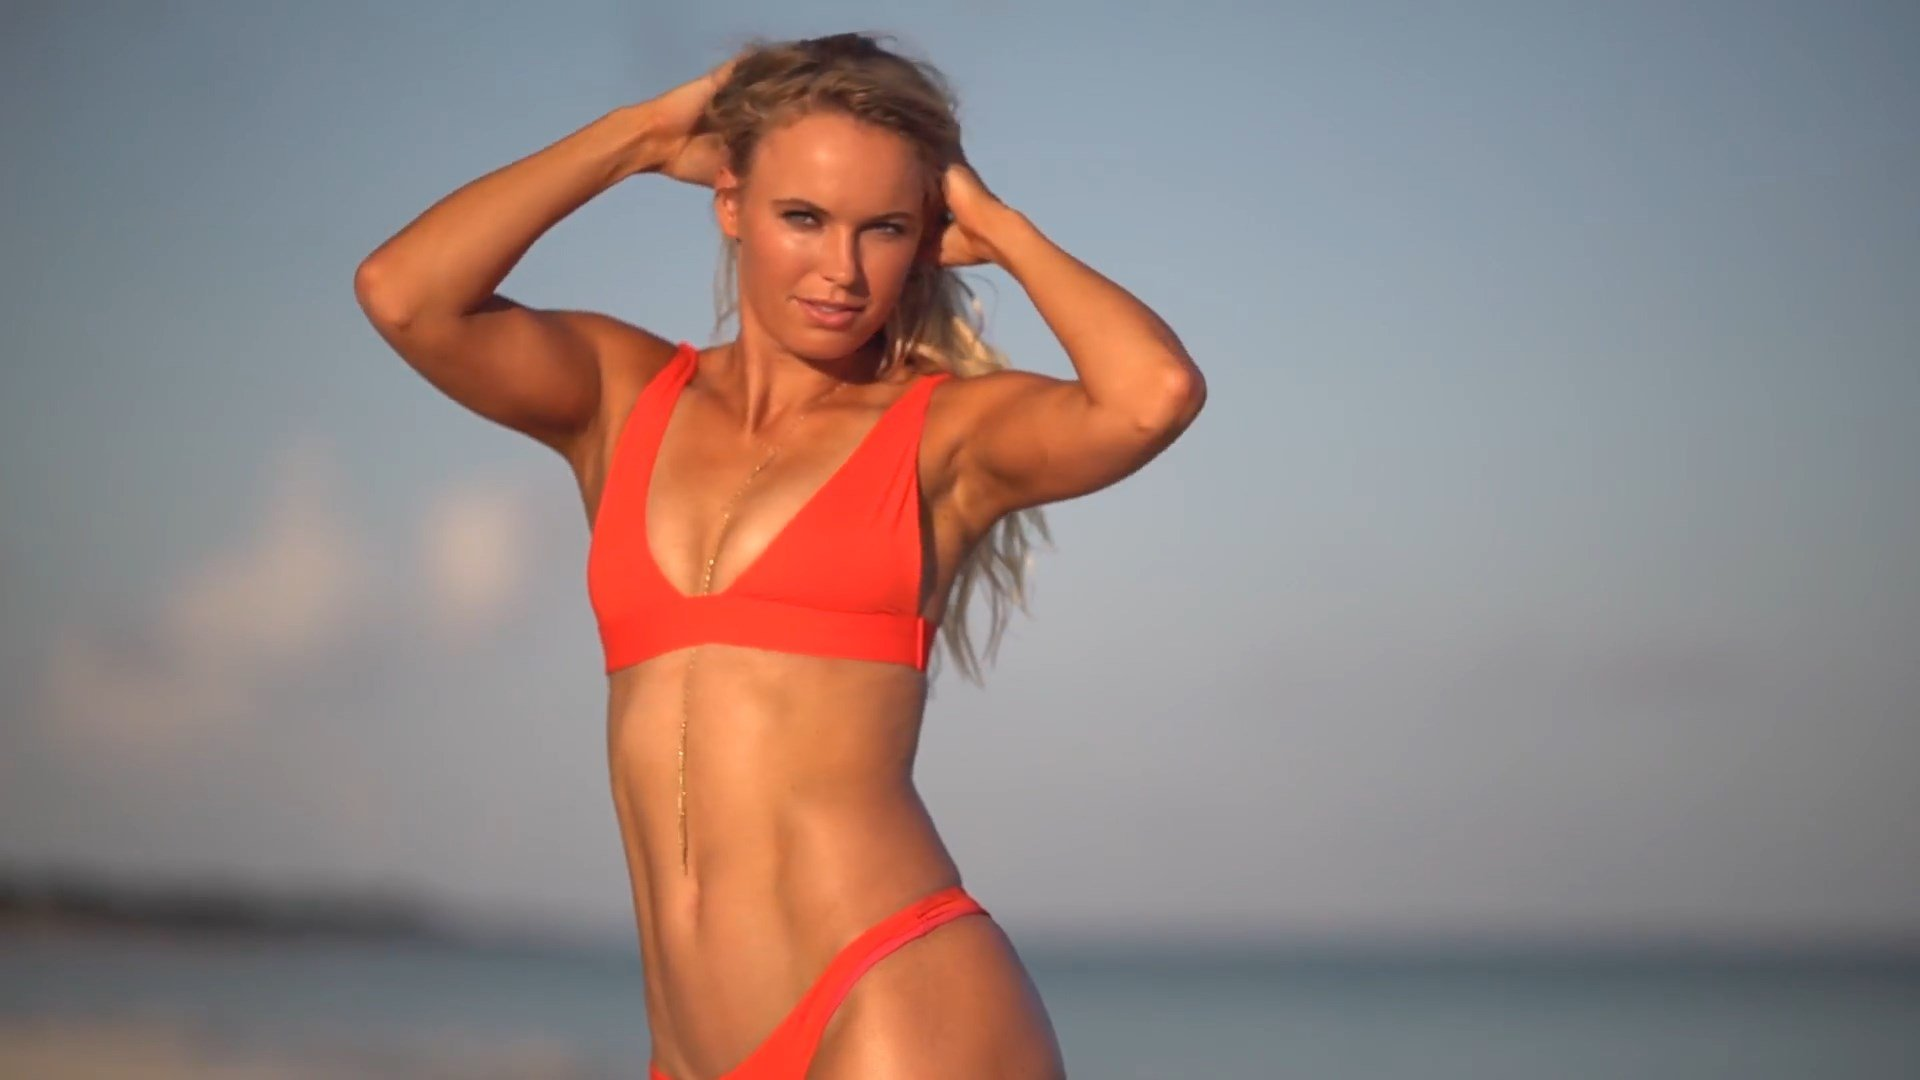 Caroline wozniacki is hot